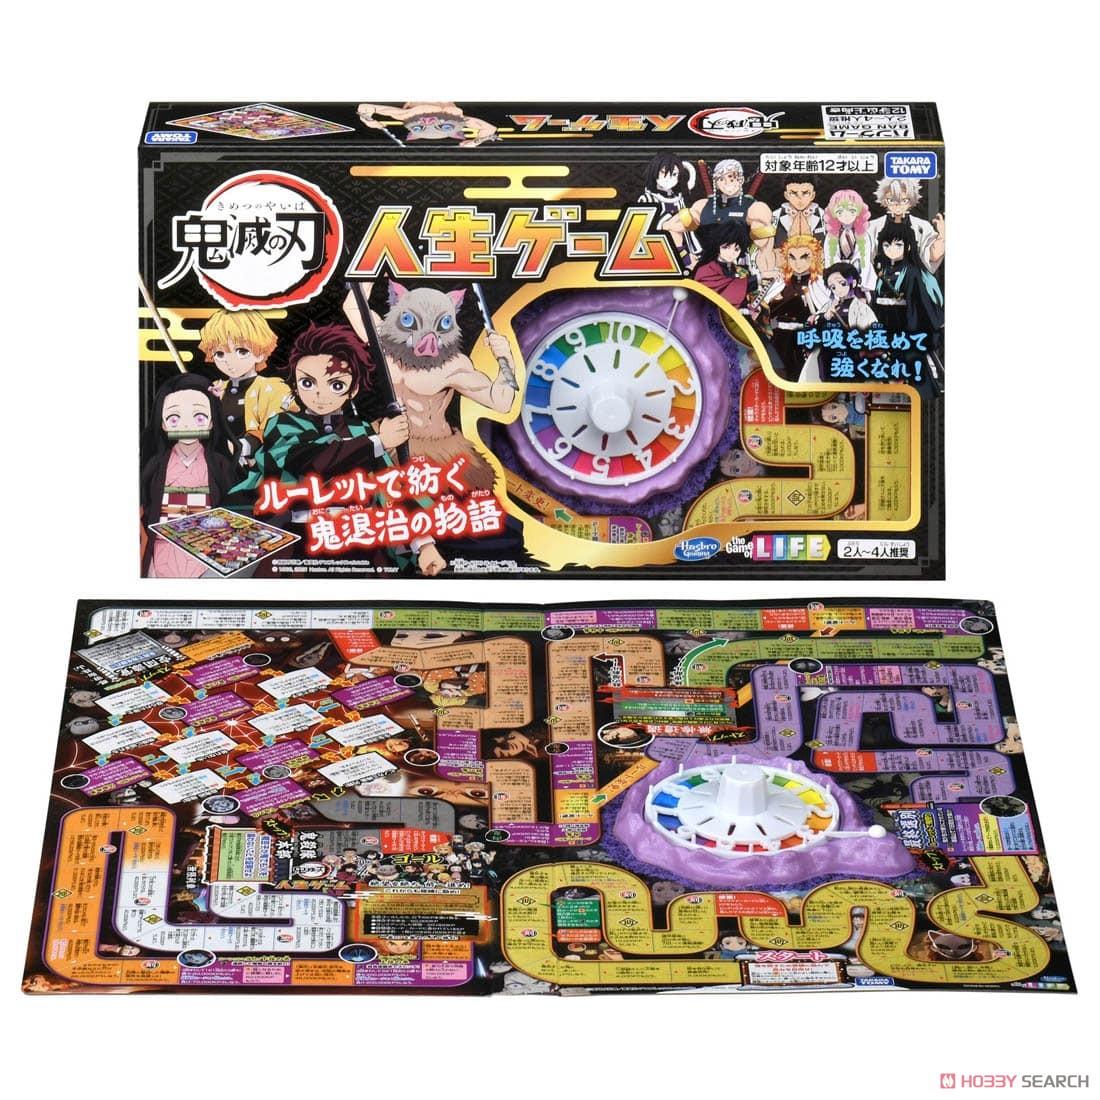 鬼滅の刃『鬼滅の刃 人生ゲーム』テーブルゲーム-002